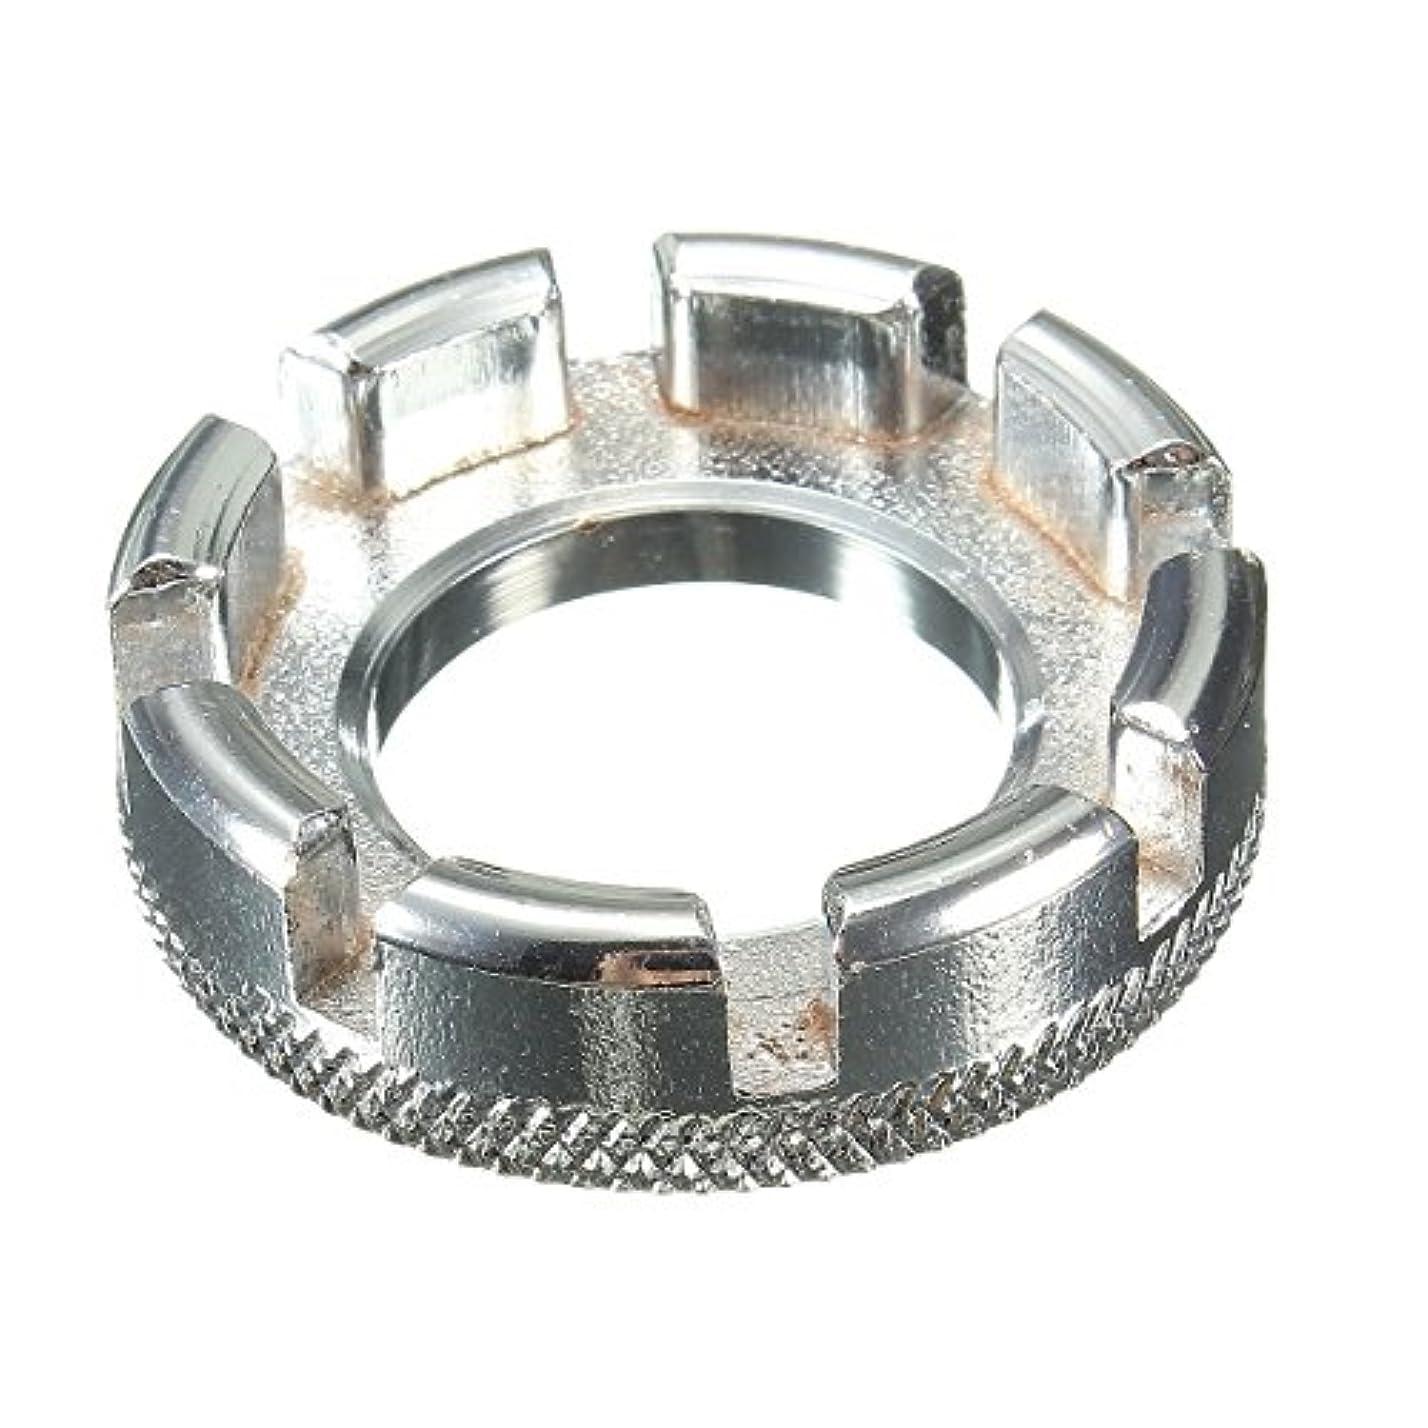 プレゼンター吸い込むプロトタイプRETYLY バイクスポークレンチミニツール 調整8ウェイブラストセット MTBバイクルート任意サイズ適用